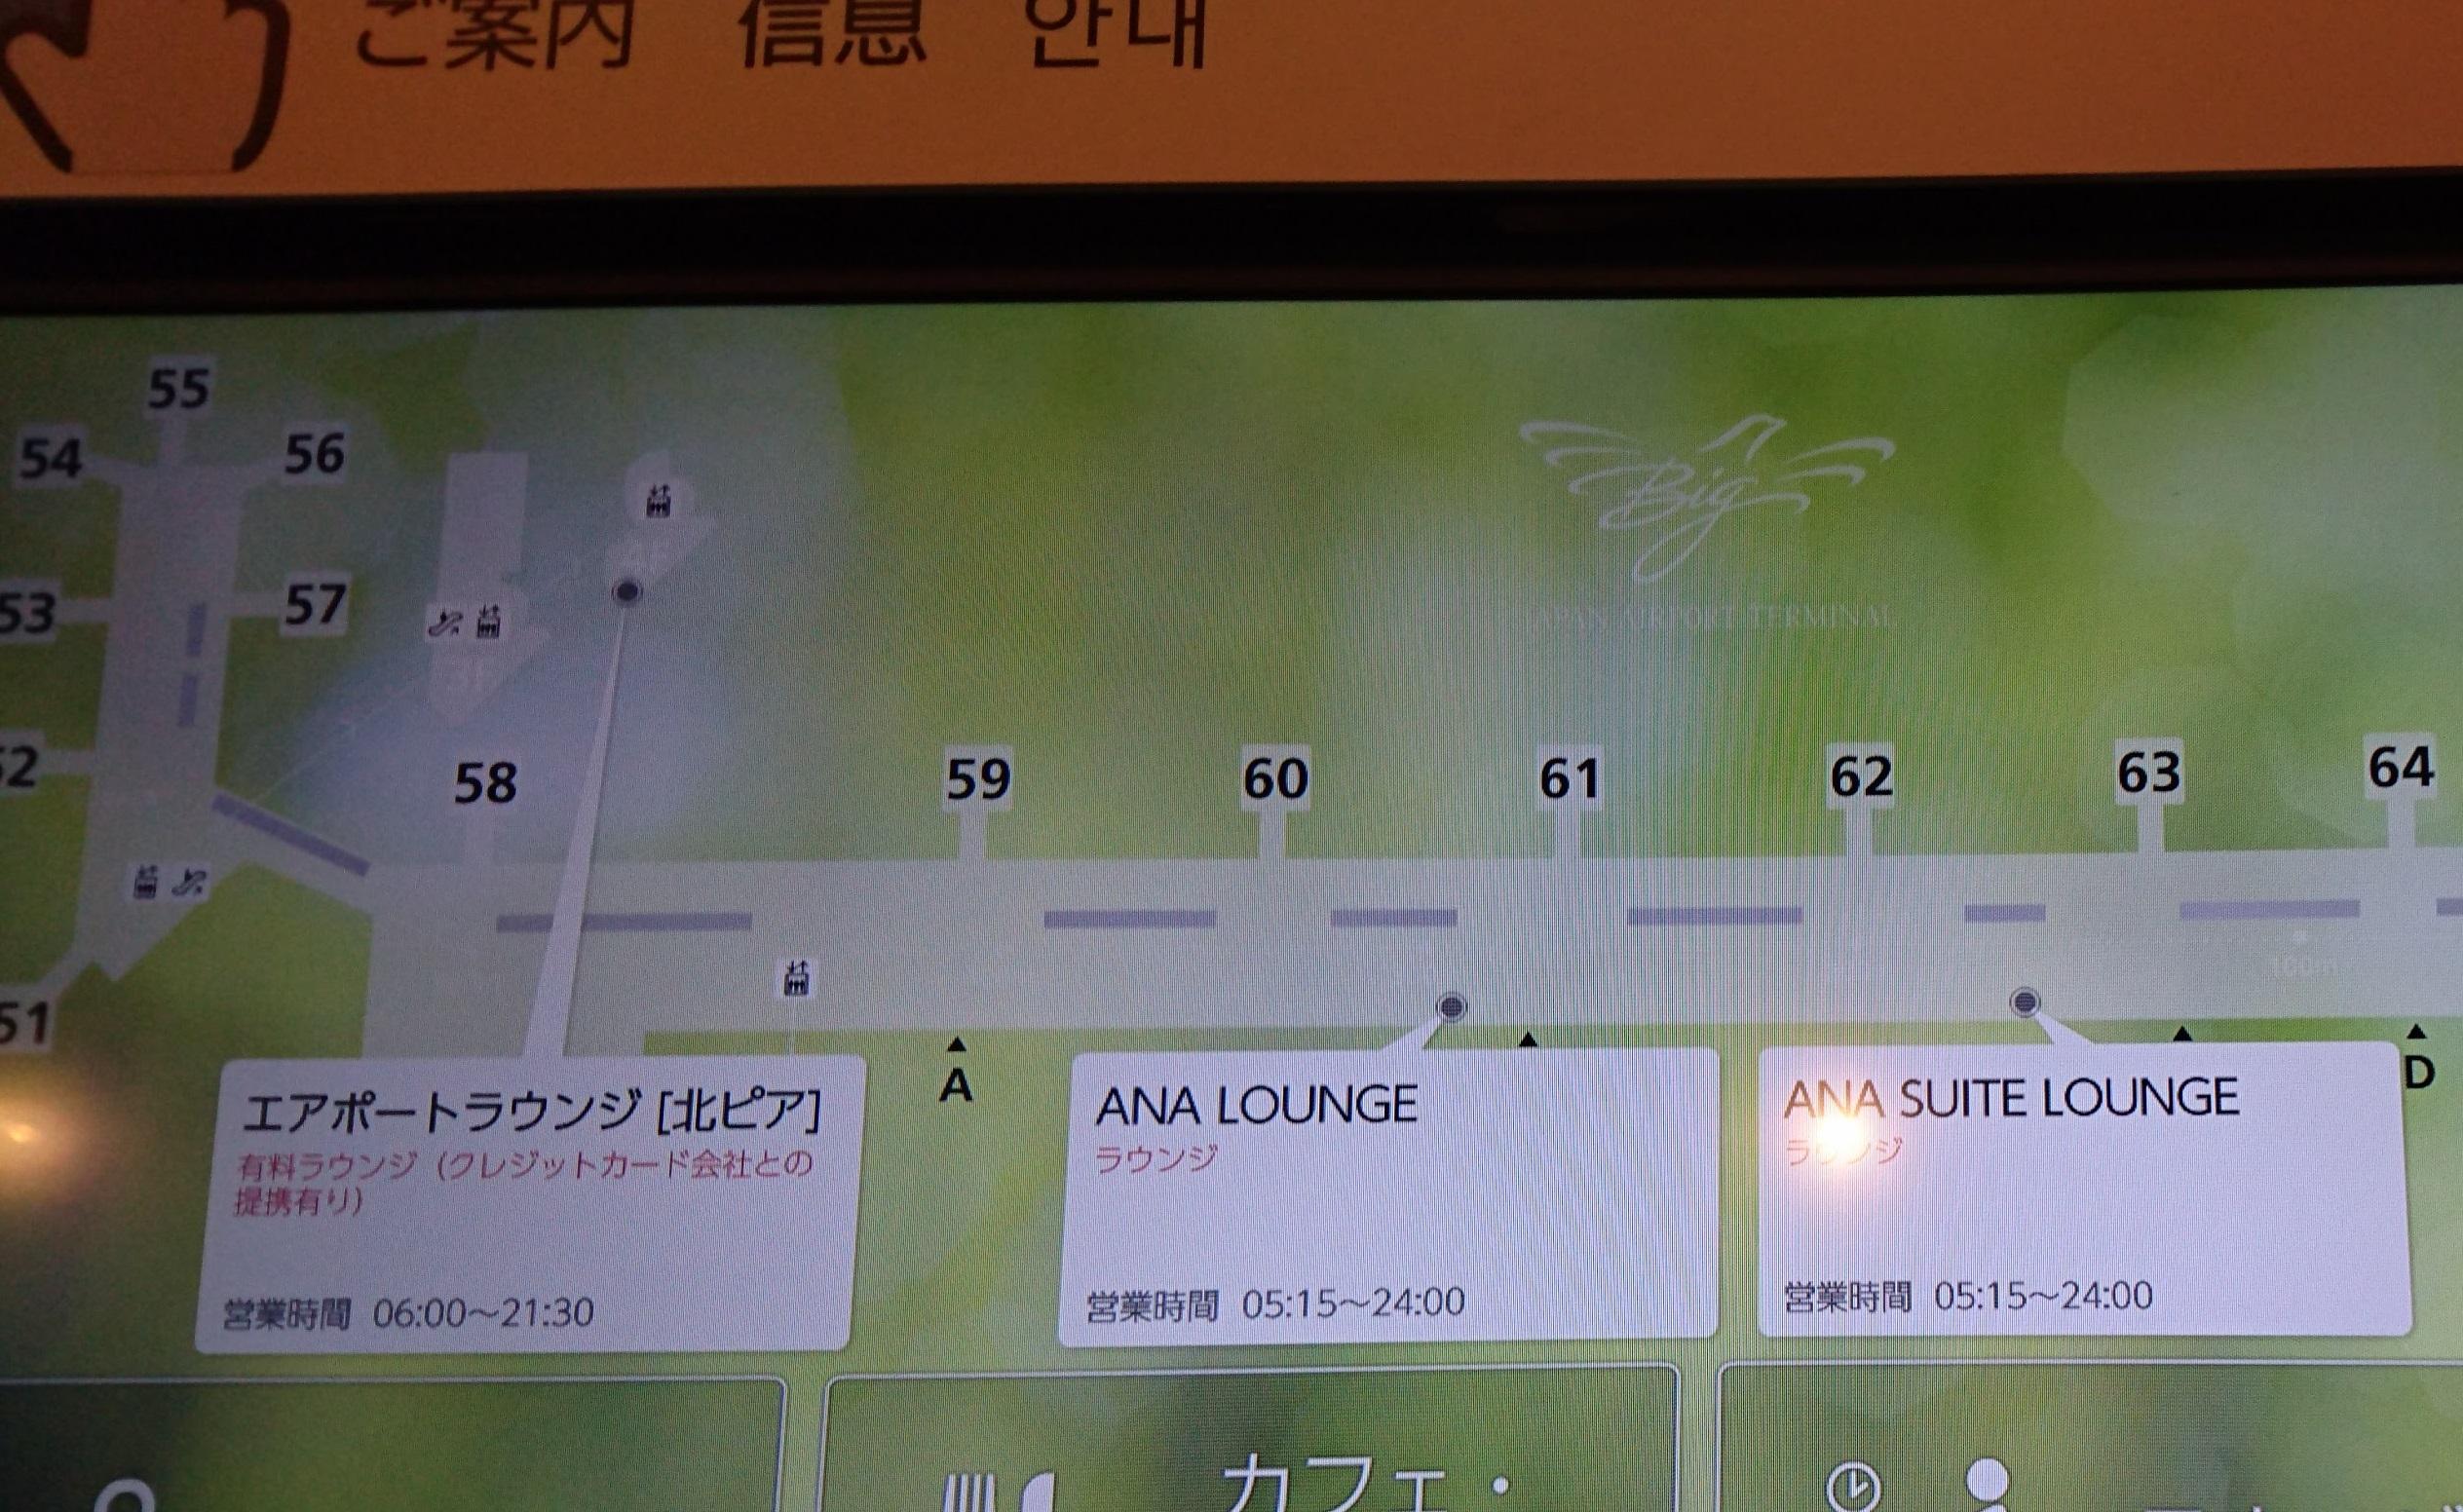 ターミナル内に複数設置されている案内ボード。タッチで見たい情報が表示されます。一番左のラウンジがエアポートラウンジ[北ピア]です